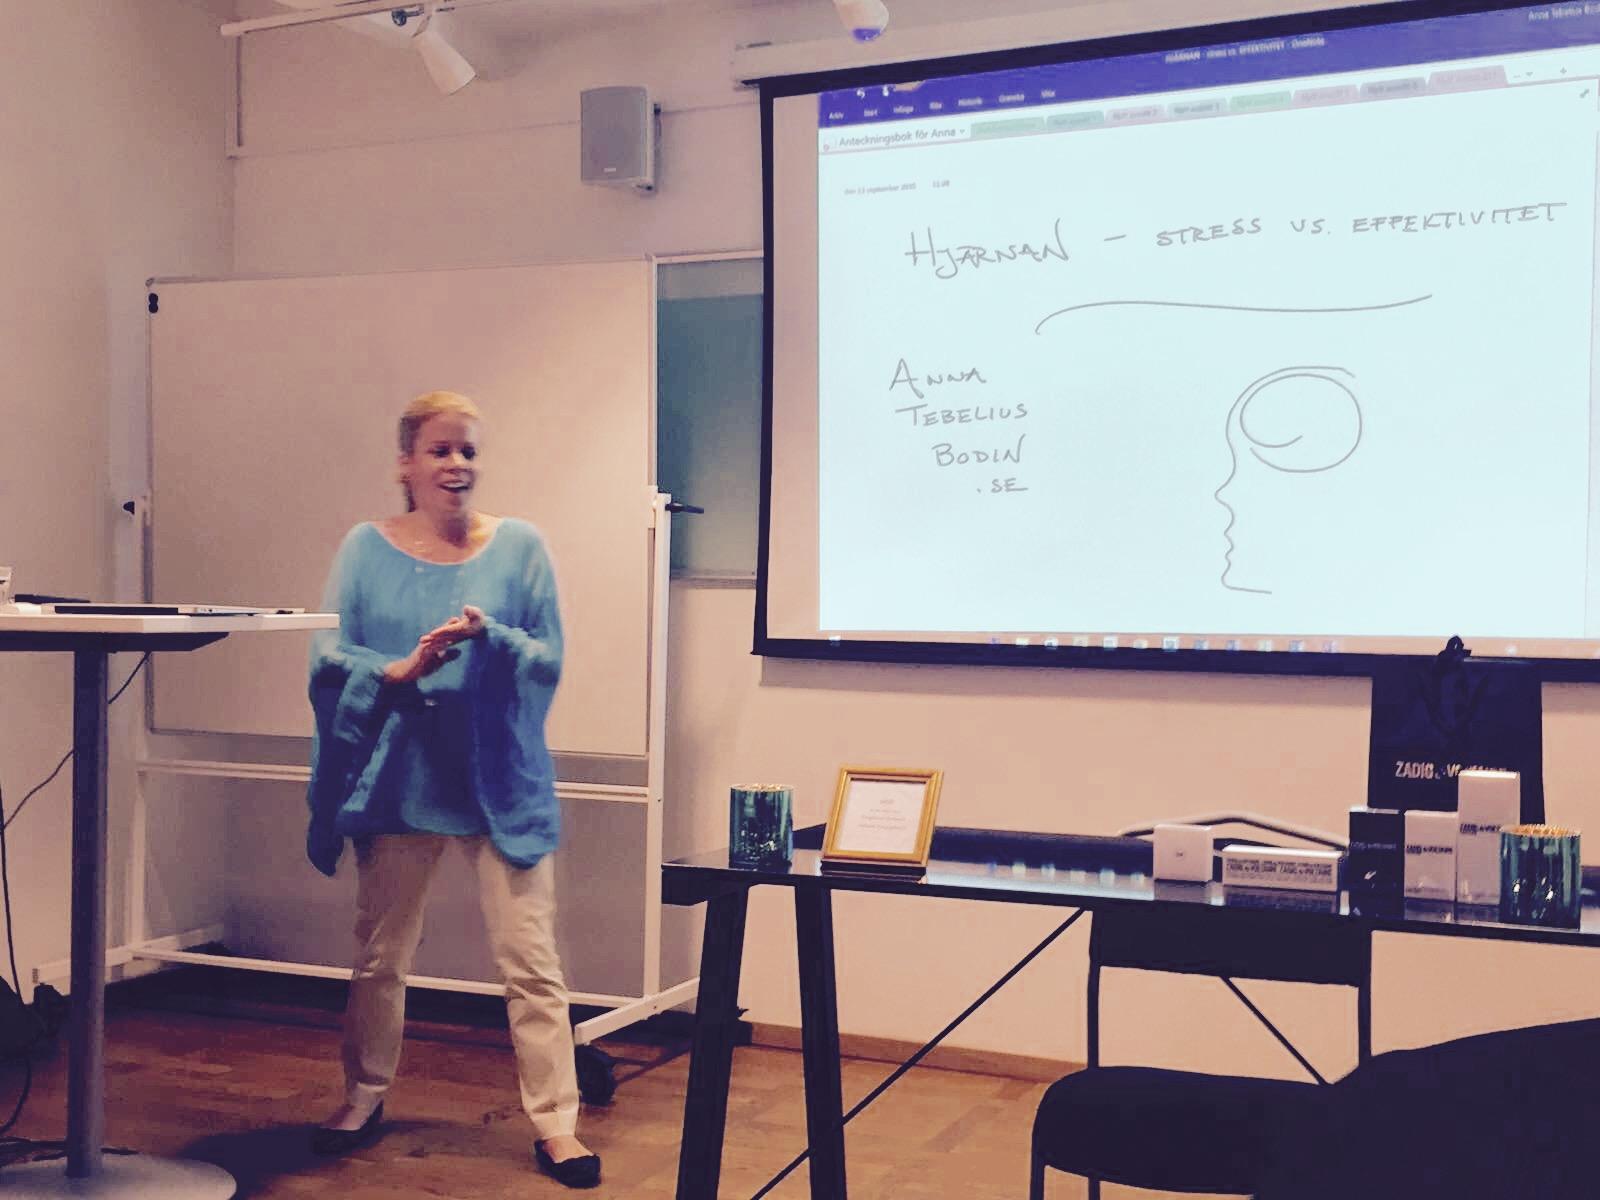 Anna Tebelius Bodin föreläste om hjärnans reaktioner vid stress